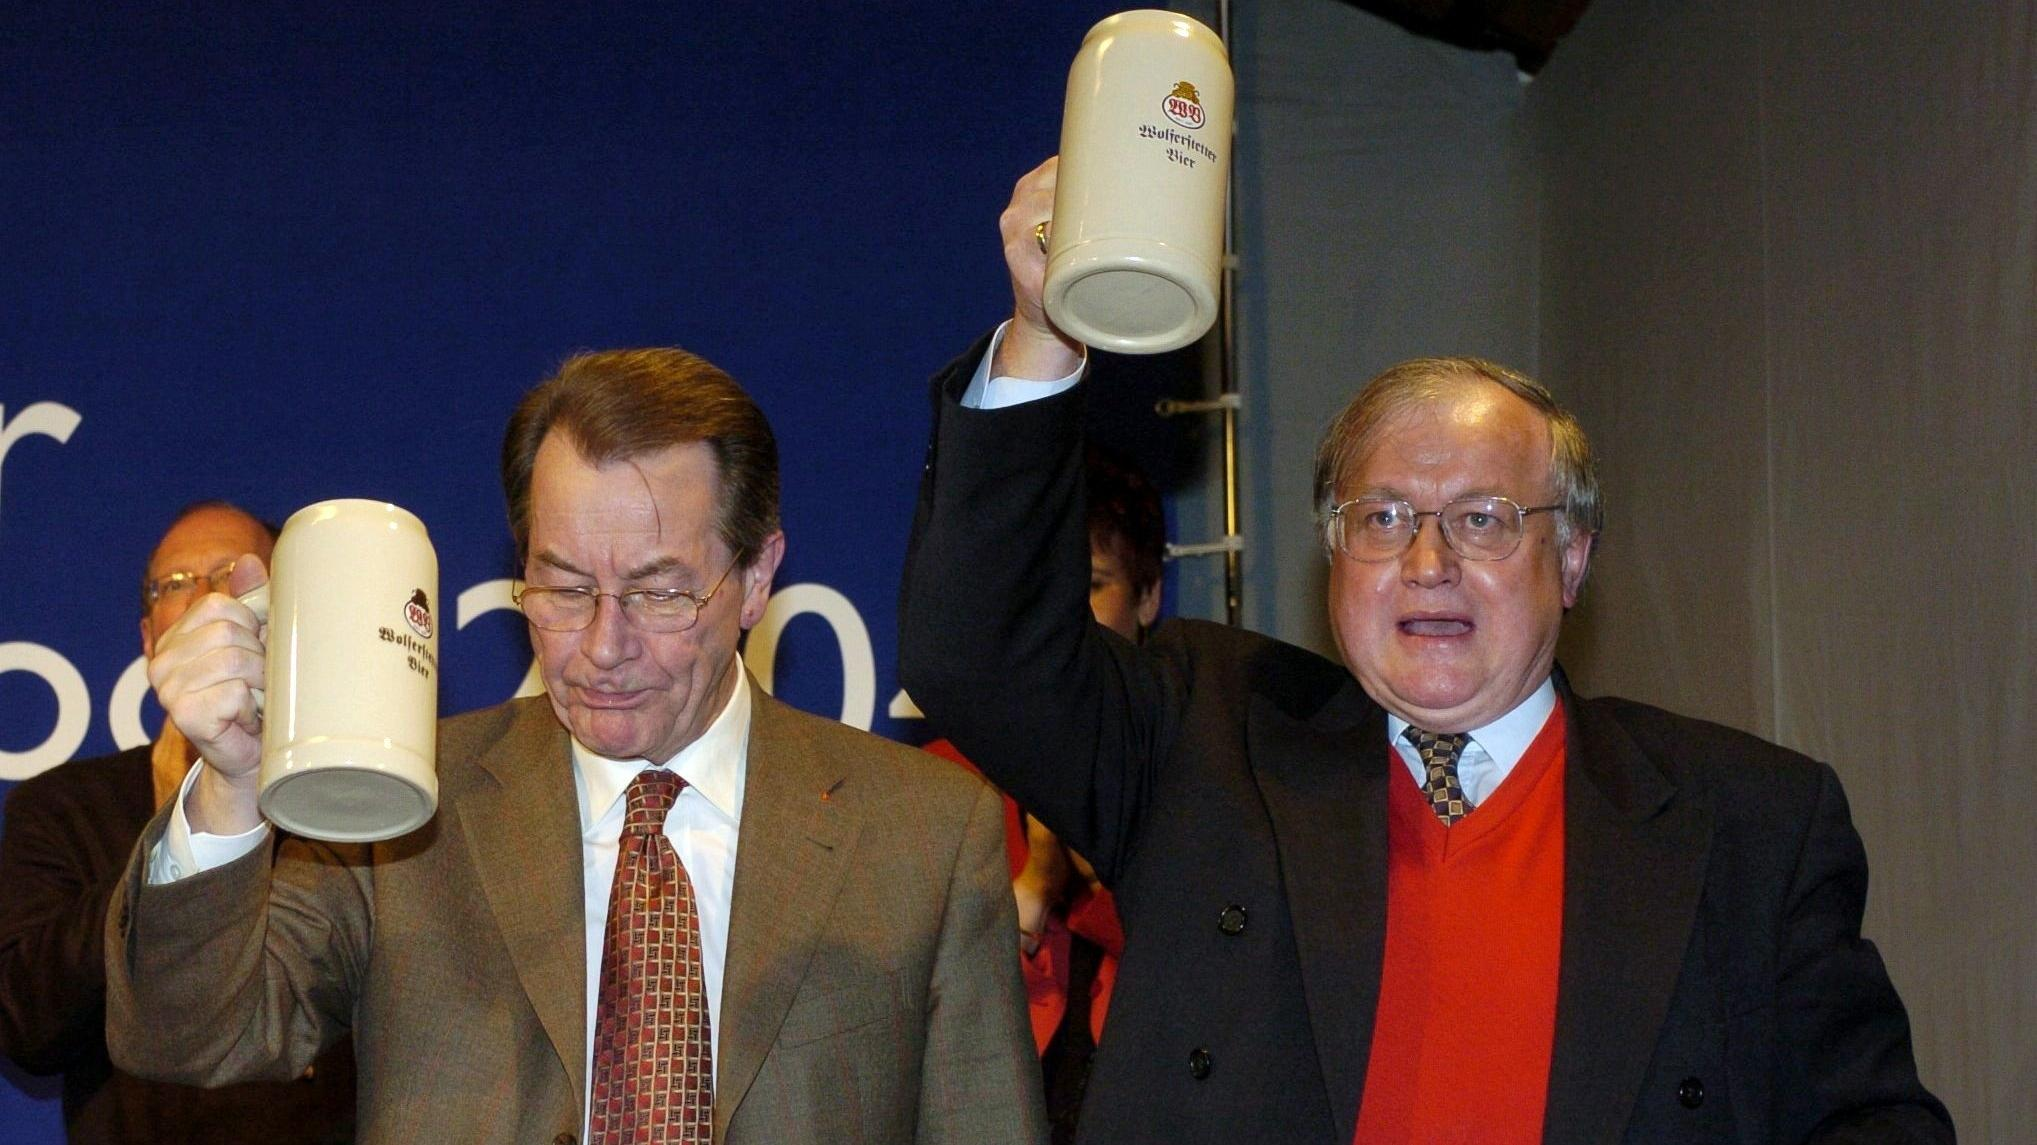 Der designierte SPD-Parteivorsitzende Franz Müntefering und der Vorsitzende der Bayern-SPD Ludwig Stieger im Wolferstetter Keller